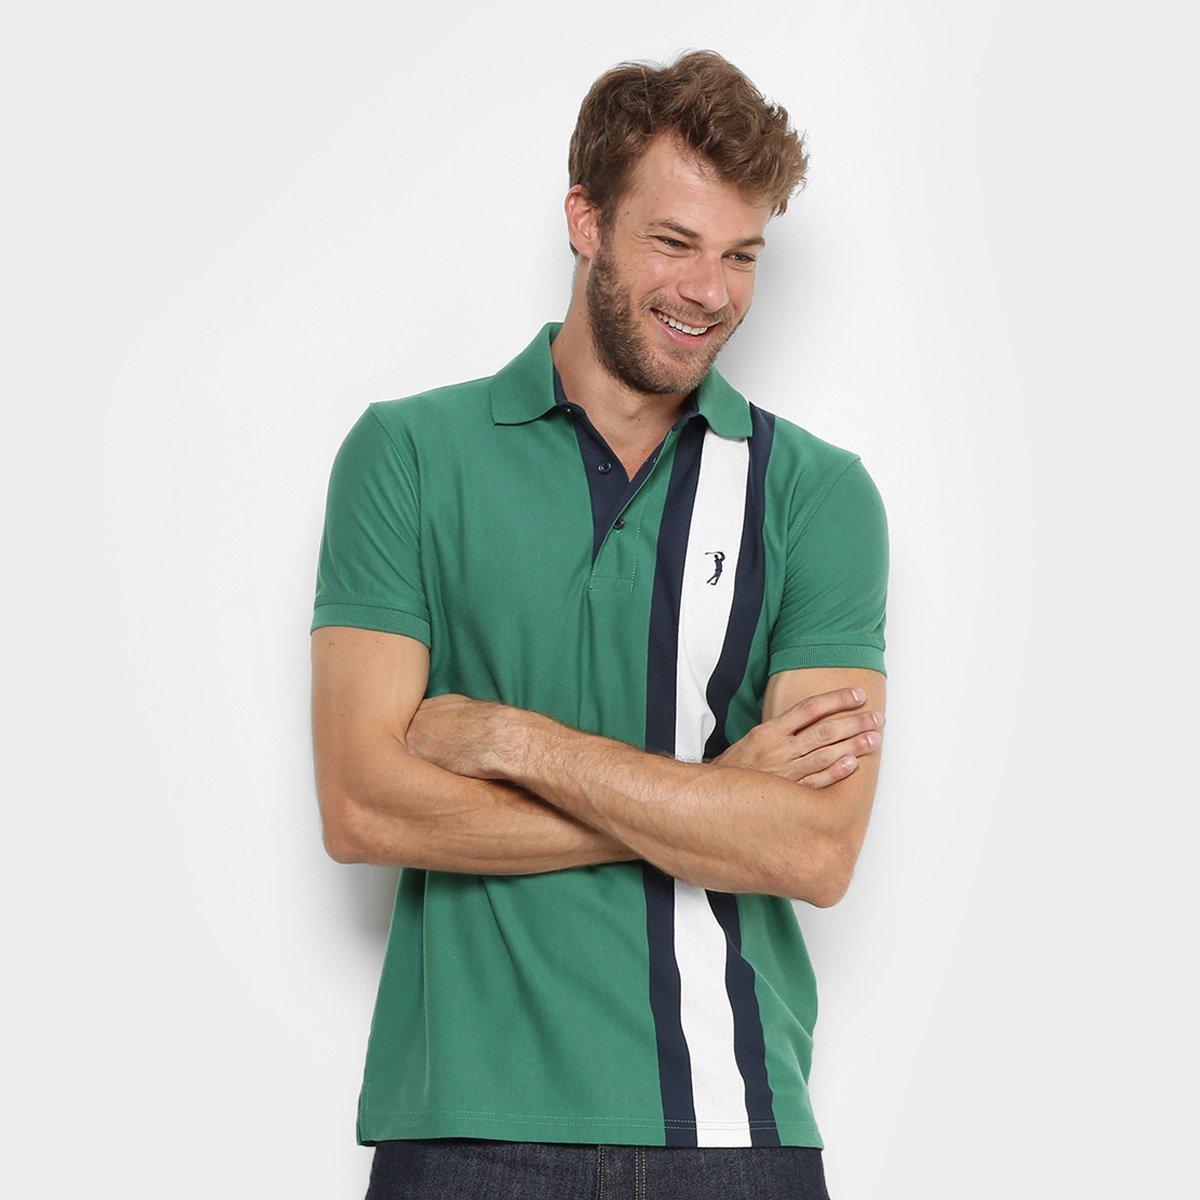 8f0795c797 Camisa Polo Aleatory Listras Verticais Masculina - Compre Agora ...